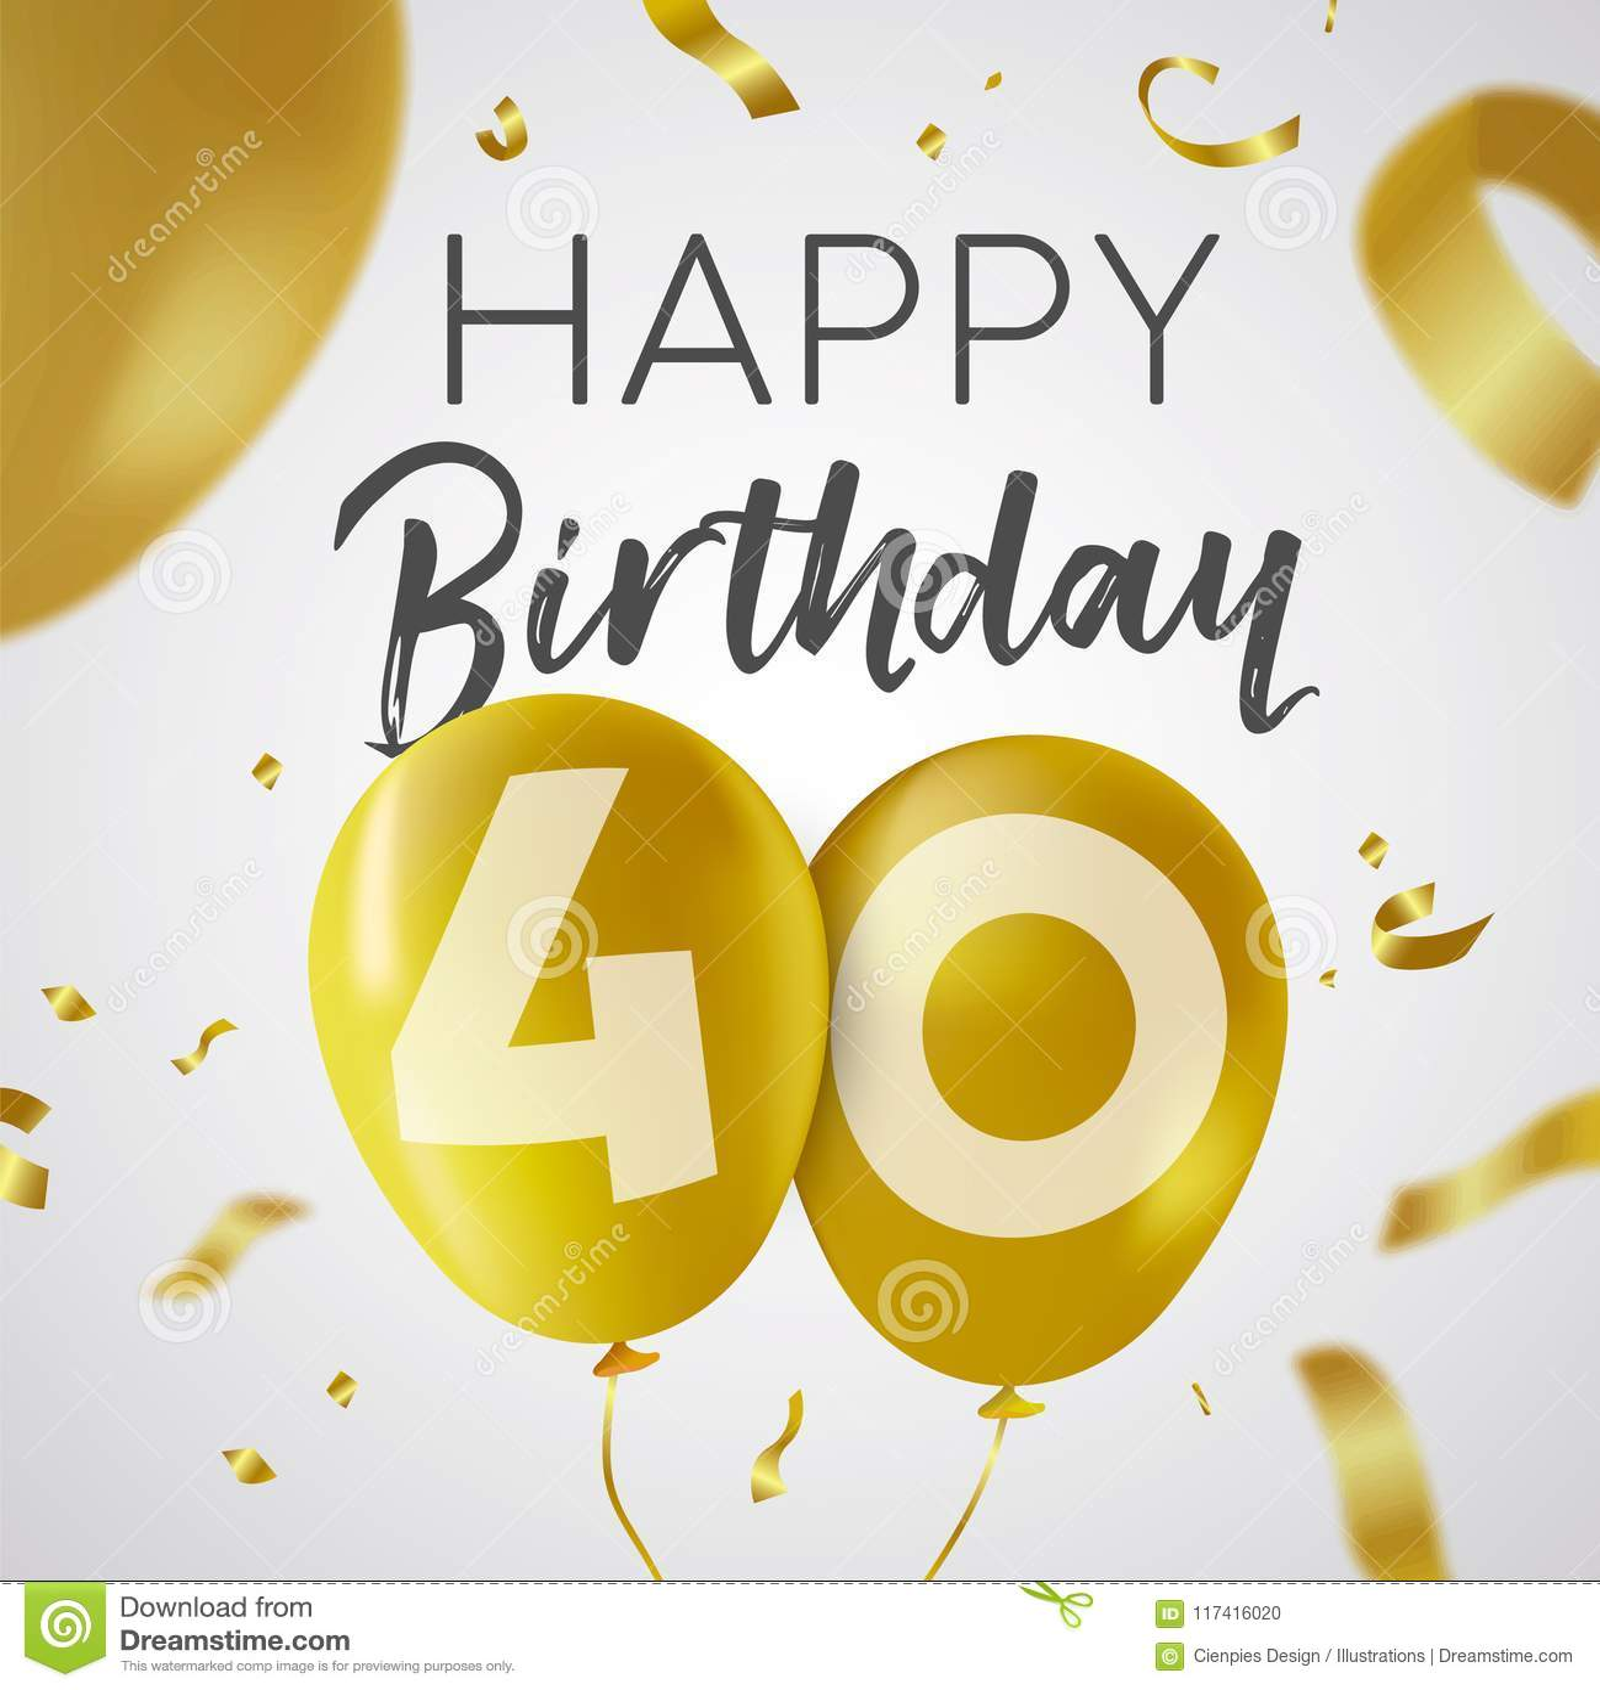 Auguri Di Buon Compleanno 40 Anni.Buon Compleanno 40 Carta Del Pallone Dell Oro Da Quaranta